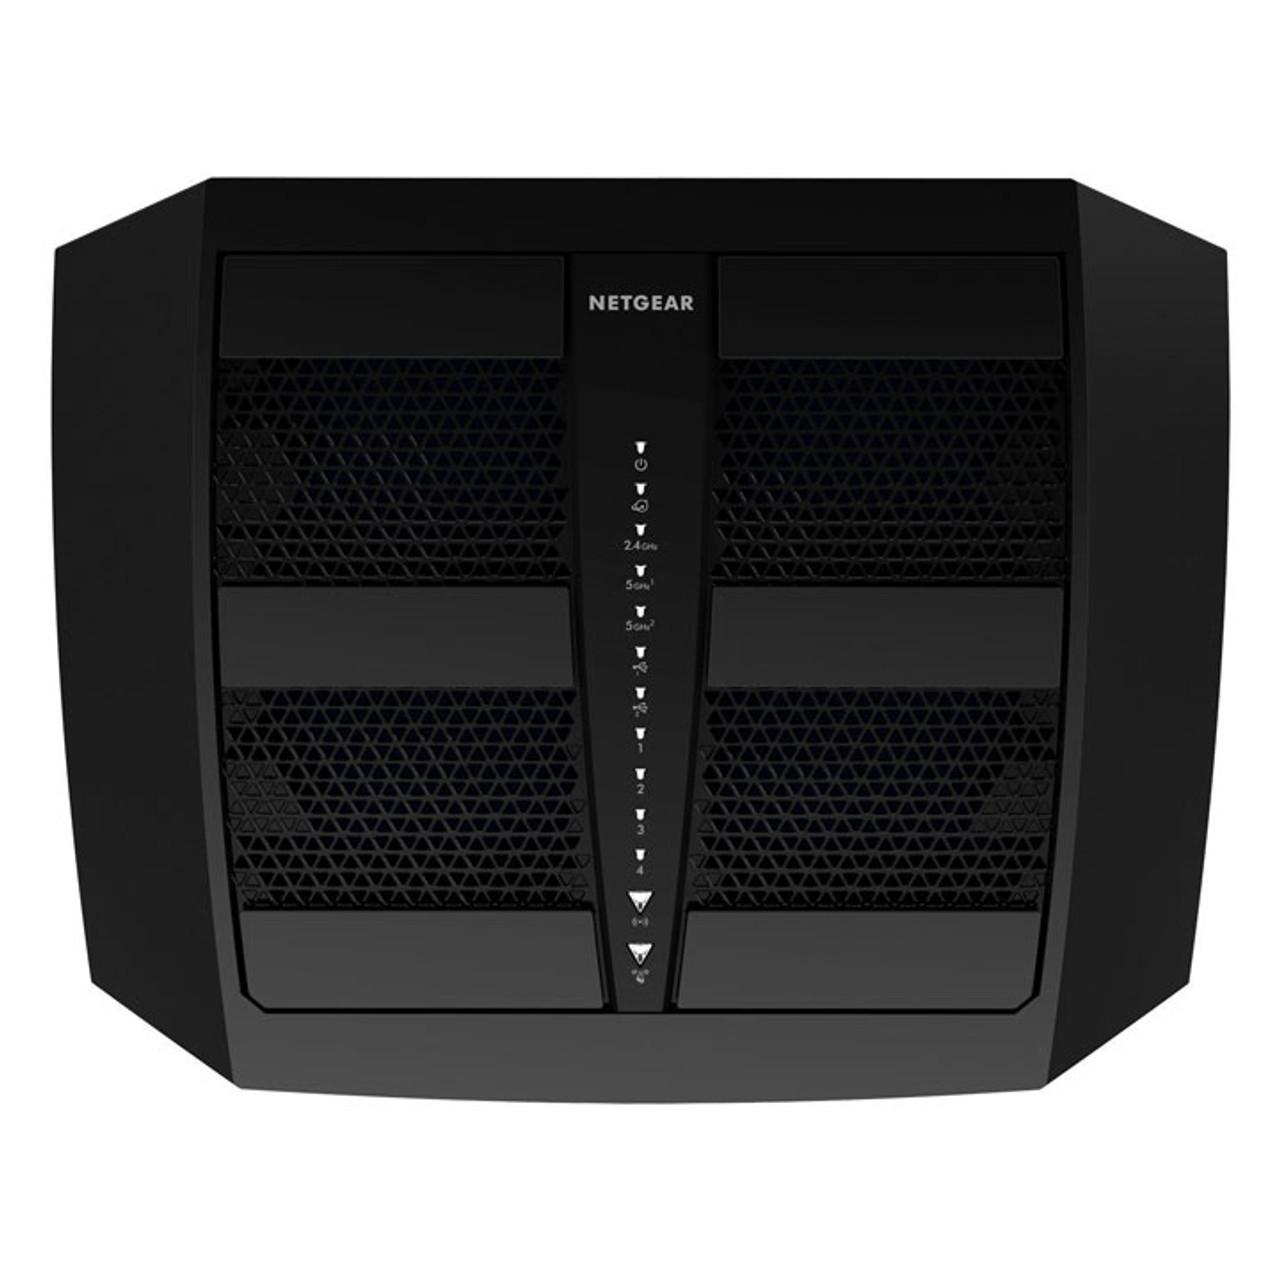 Netgear Nighthawk X6 R8000 powered by Sabai OS